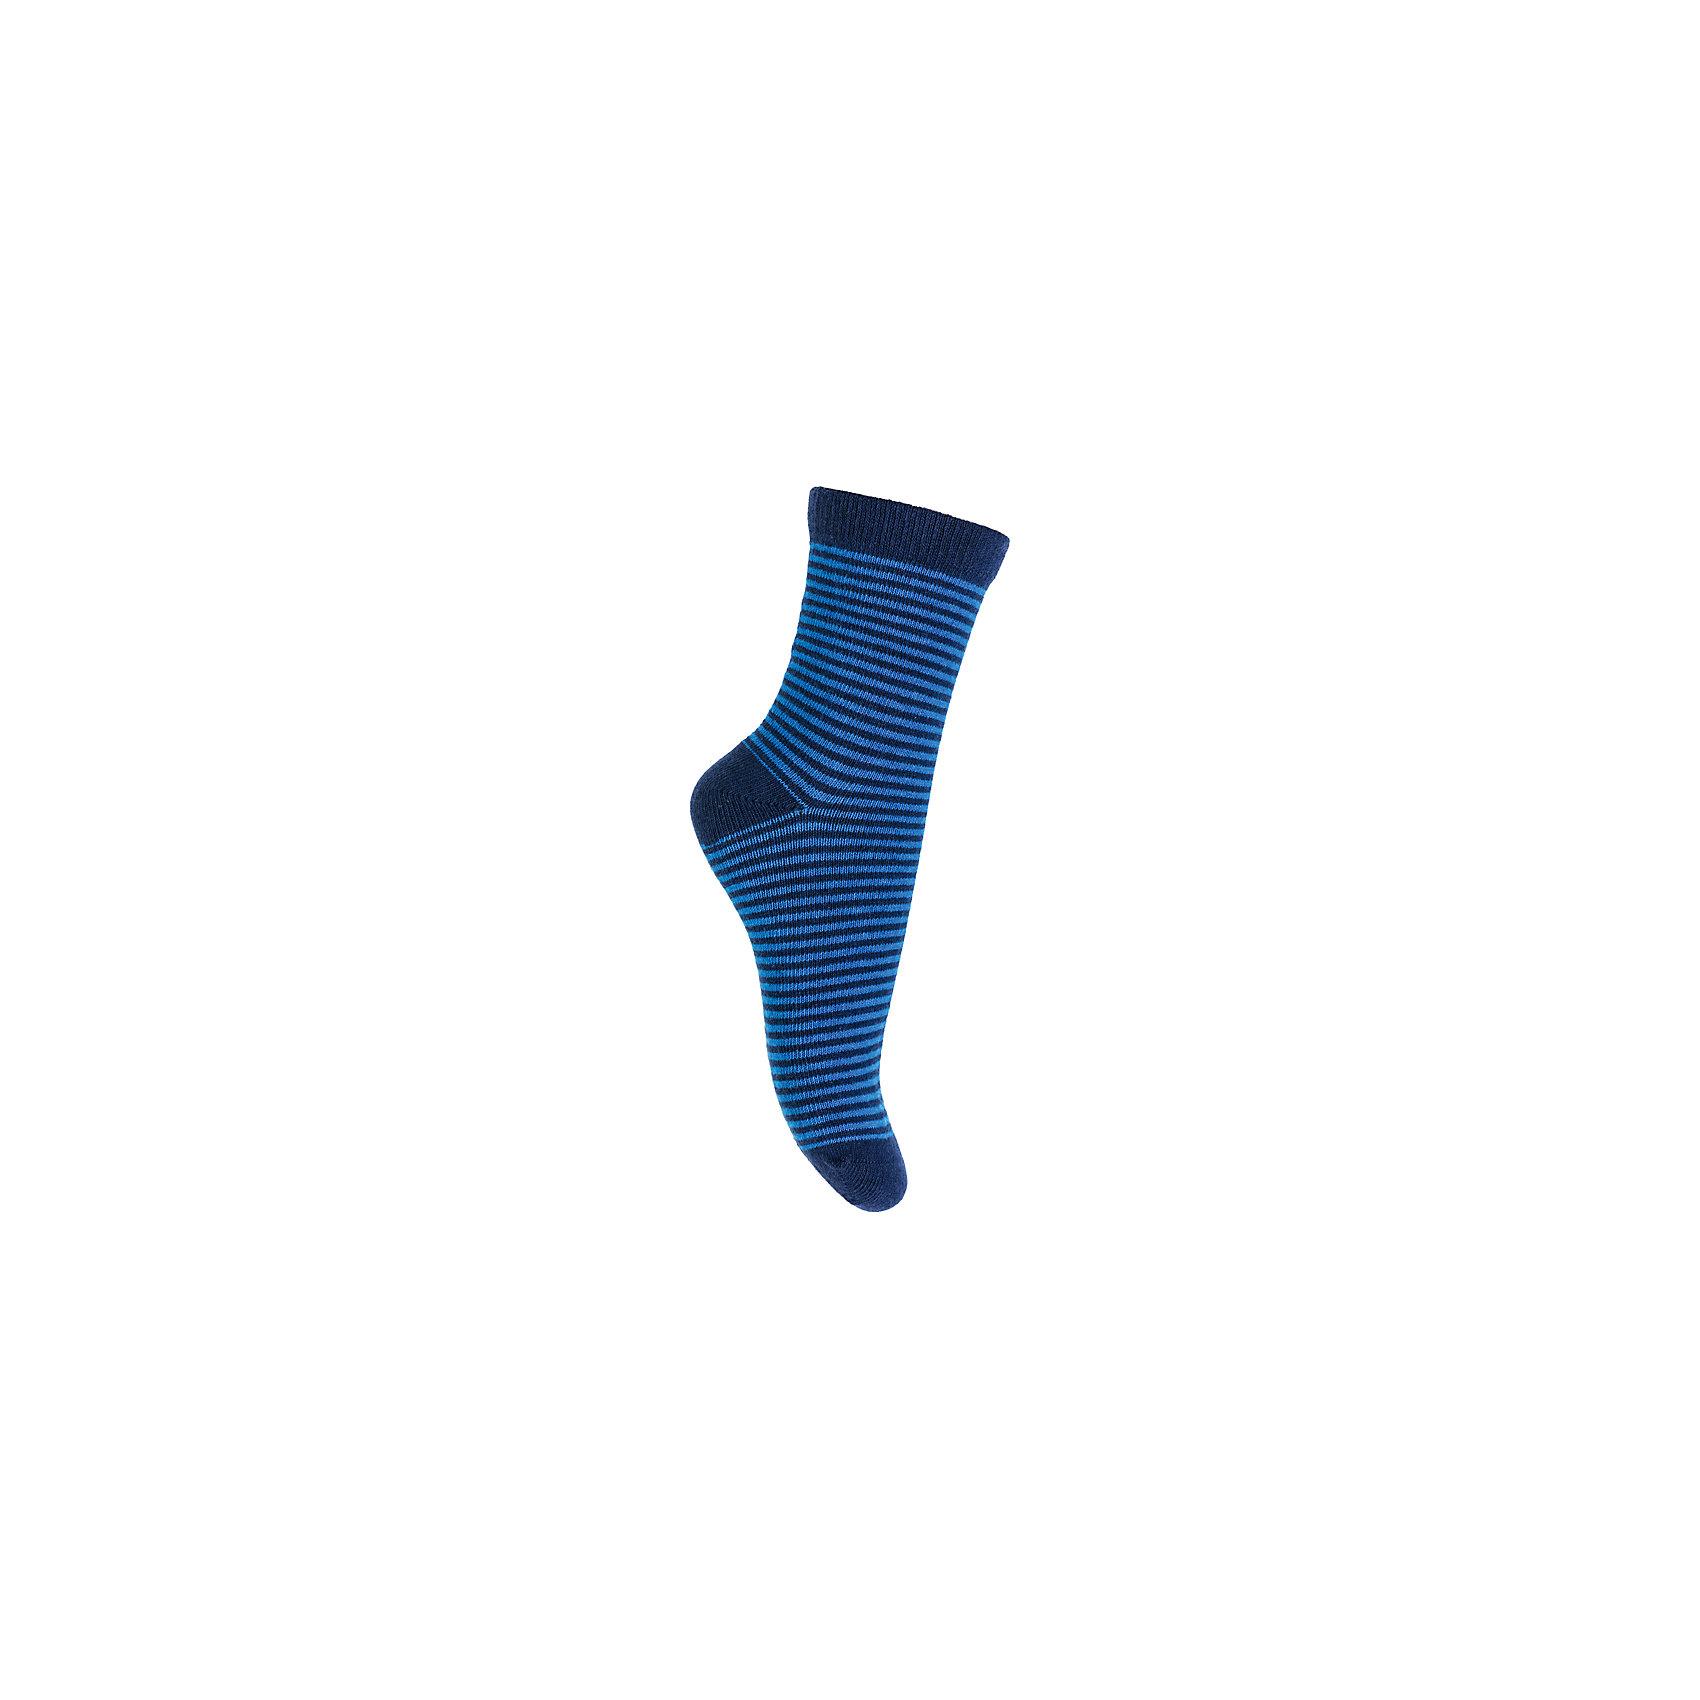 Носки PlayToday для мальчикаНоски<br>Носки PlayToday для мальчика<br>Носки очень мягкие, из  натуральных материалов, приятные к телу и не сковывают движений. Хорошо пропускают воздух, тем самым позволяя коже дышать.   Модели выполнены в технике - yarn dyed - в процессе производства в полотне используются разного цвета нити. Даже частые стирки, при условии соблюдений рекомендаций по уходу, не изменят ни форму, ни цвет изделия.  Мягкая резинка не сдавливает нежную детскую кожу.<br>Состав:<br>75% хлопок, 22% нейлон, 3% эластан<br><br>Ширина мм: 87<br>Глубина мм: 10<br>Высота мм: 105<br>Вес г: 115<br>Цвет: белый<br>Возраст от месяцев: 84<br>Возраст до месяцев: 96<br>Пол: Мужской<br>Возраст: Детский<br>Размер: 18,14,16<br>SKU: 7110927